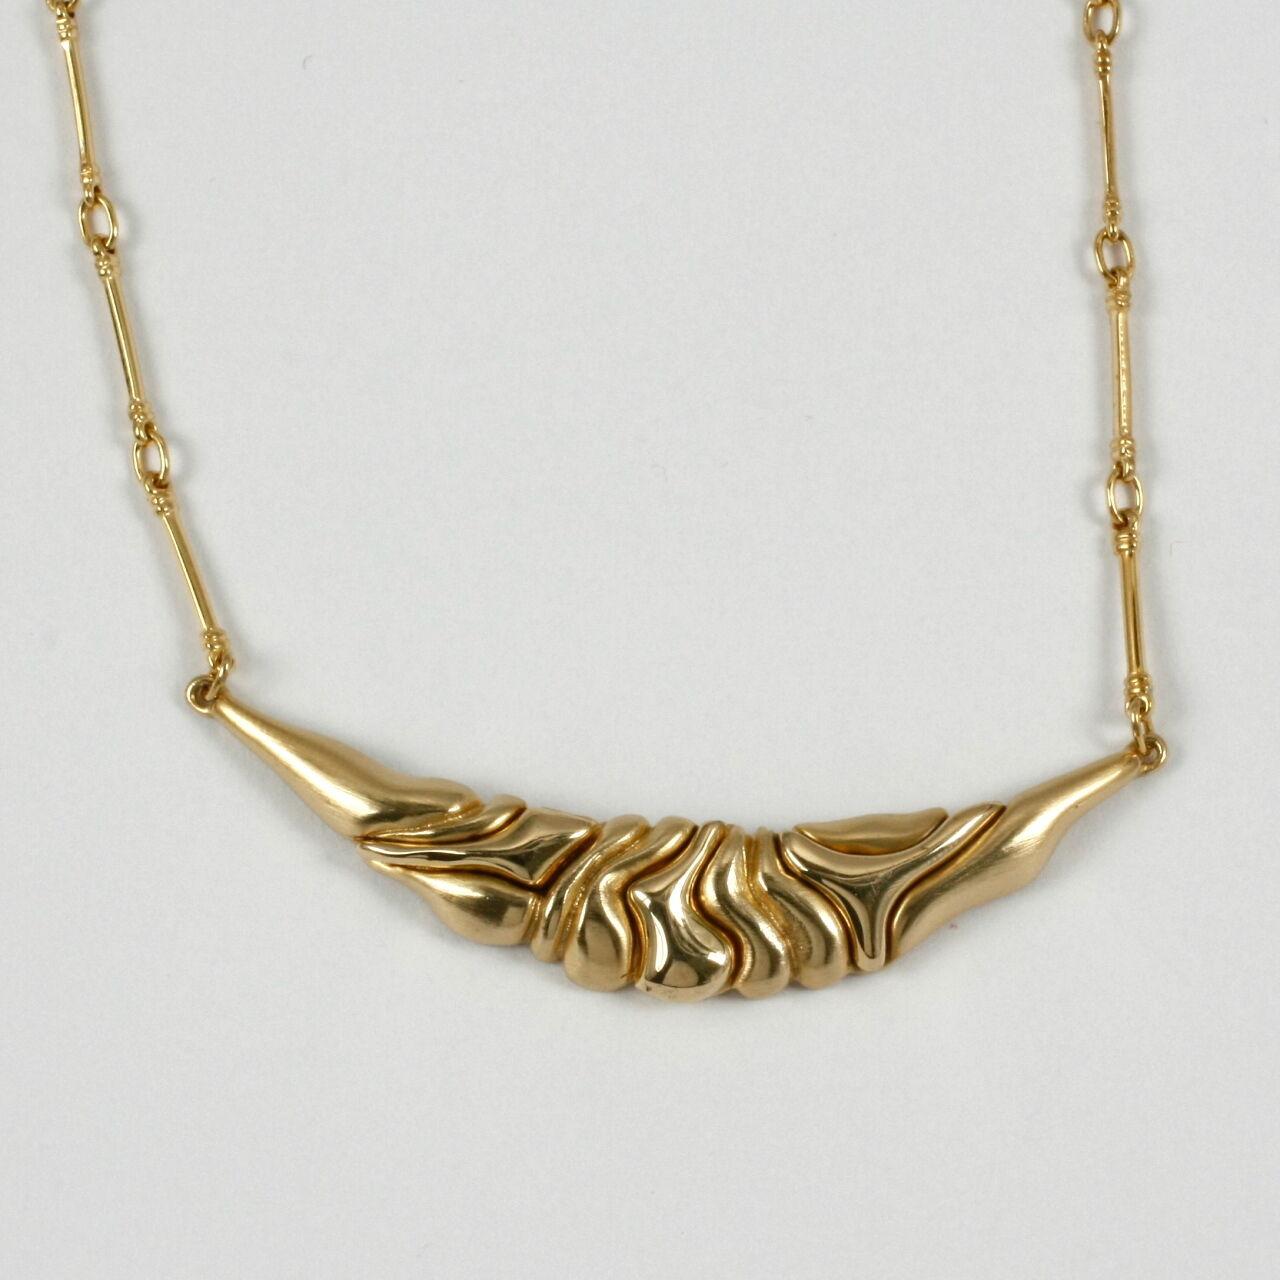 Splendido Splendido Splendido collier in 333 oro nel  finlandese stile  945ed7